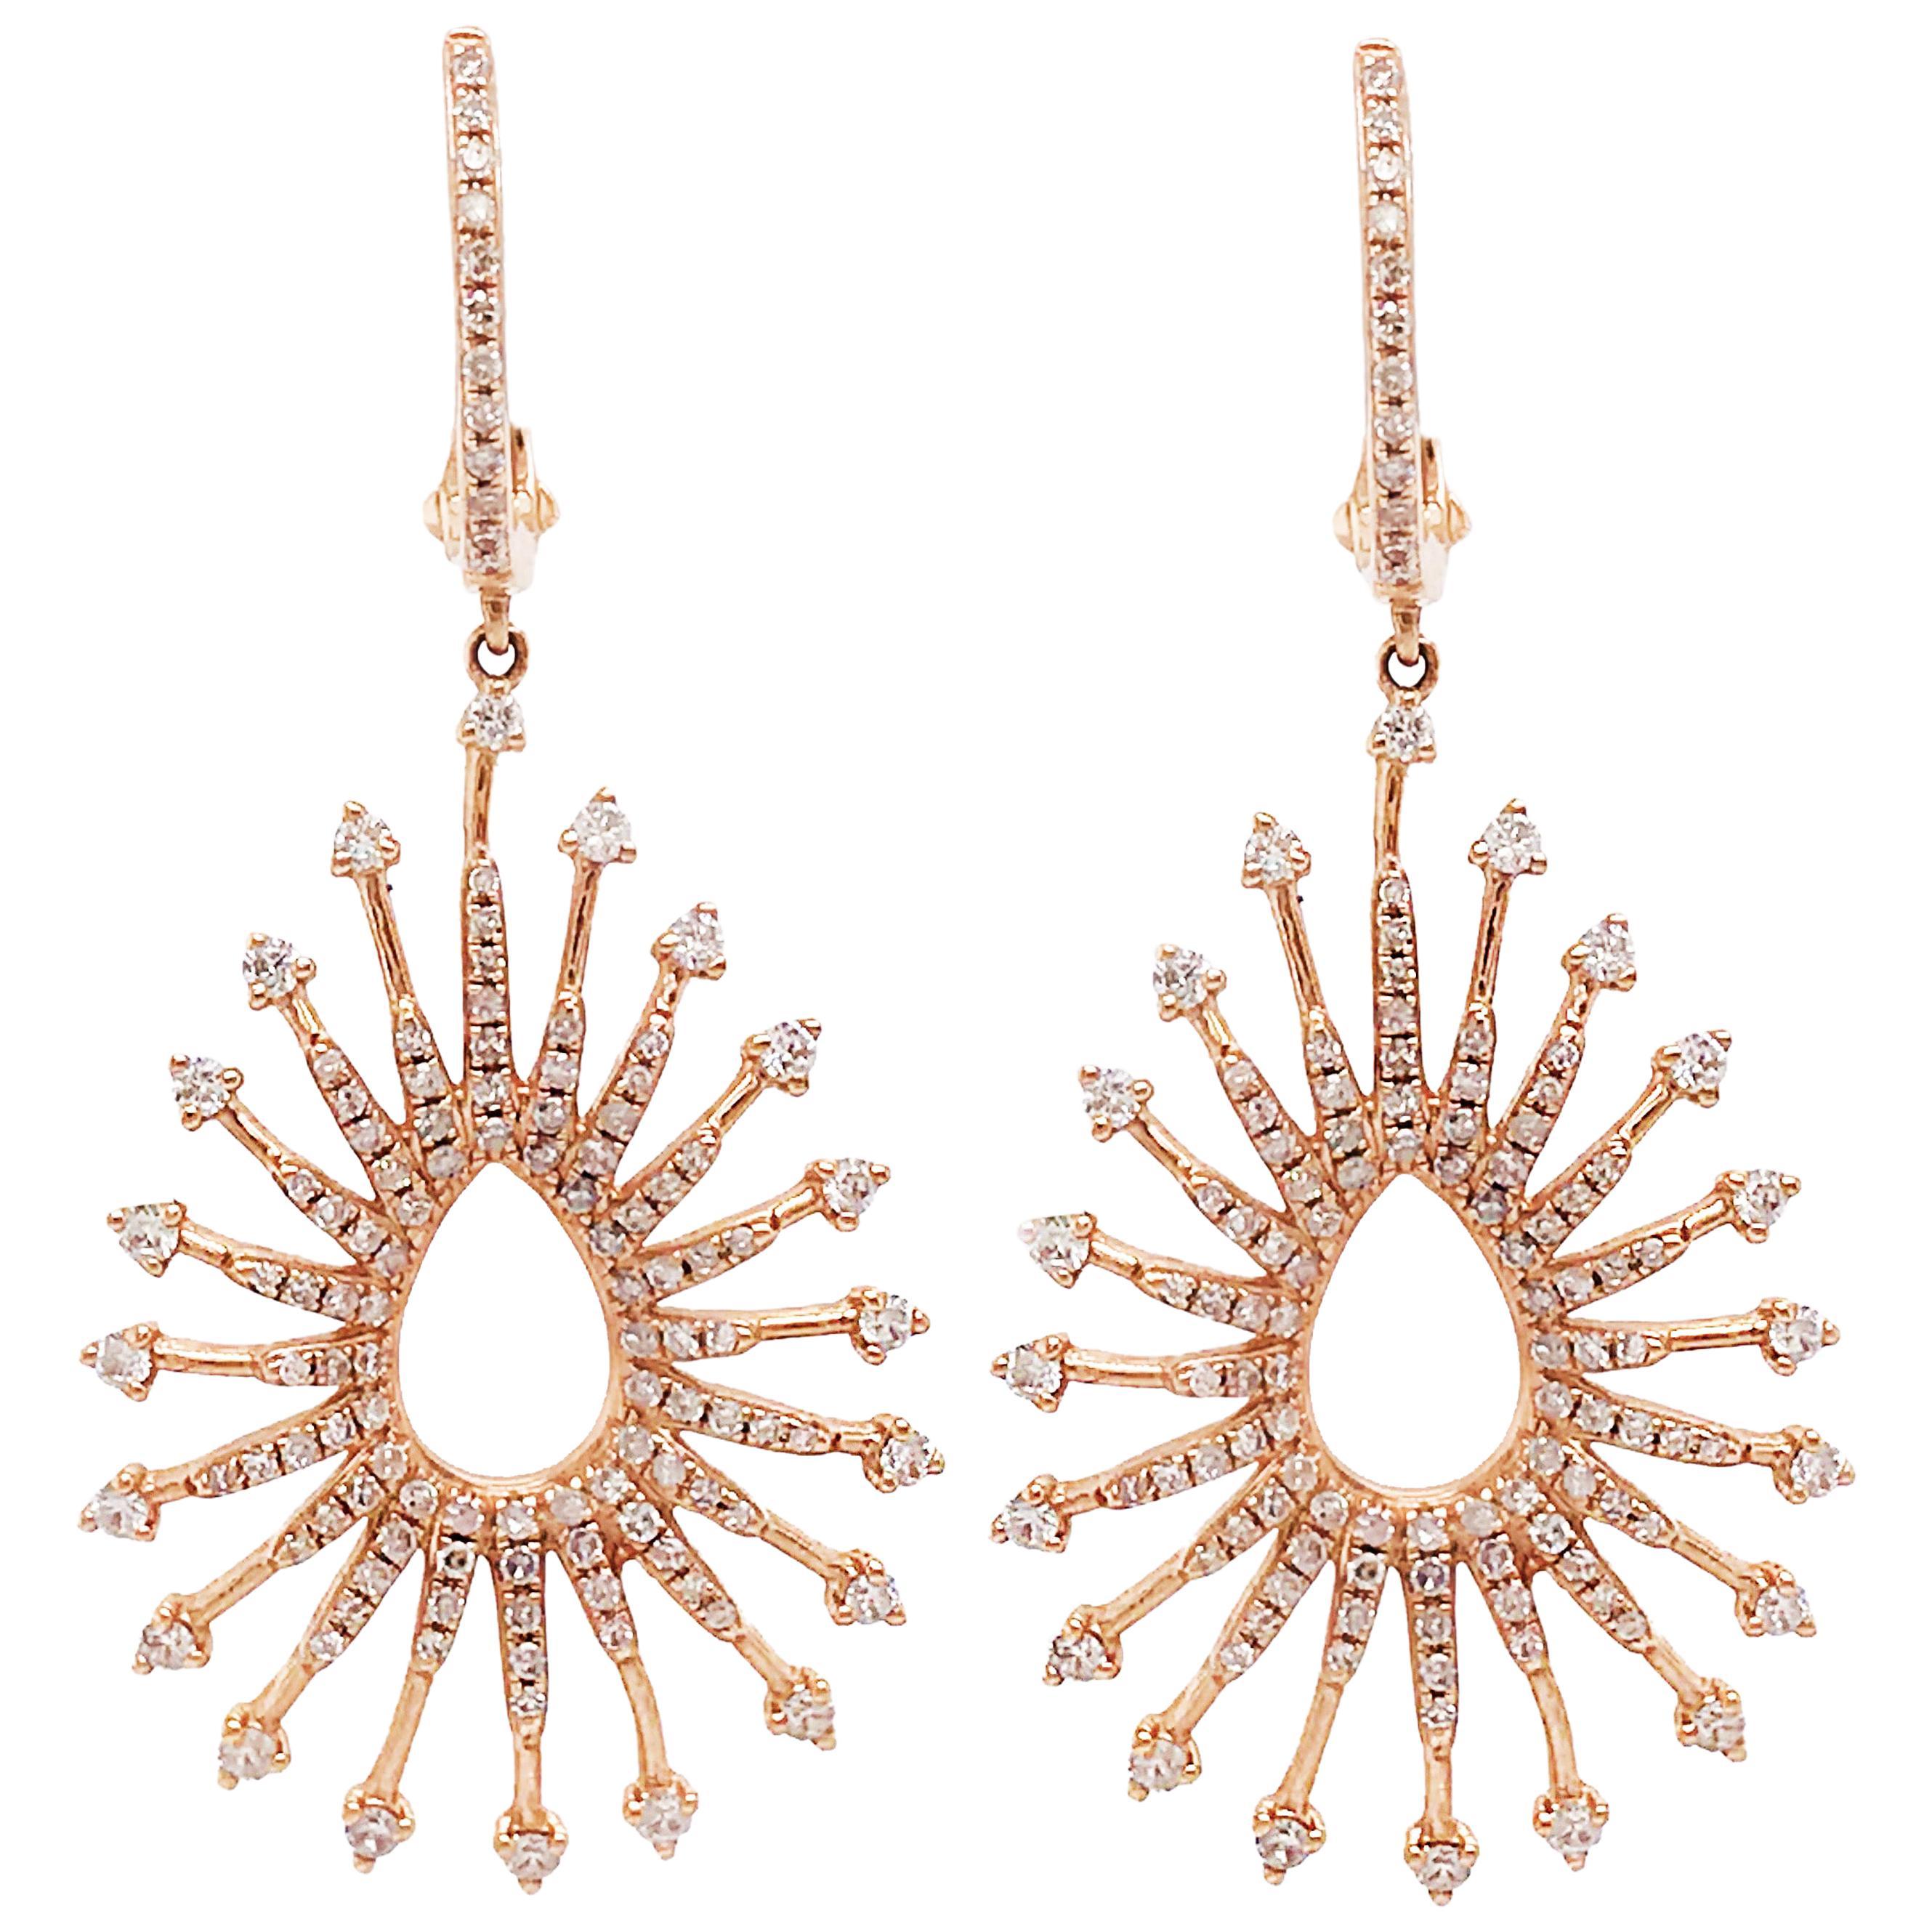 1 Carat Diamond Designer Earrings, 14 KT Rose Gold, Pear Shaped Diamond Earrings